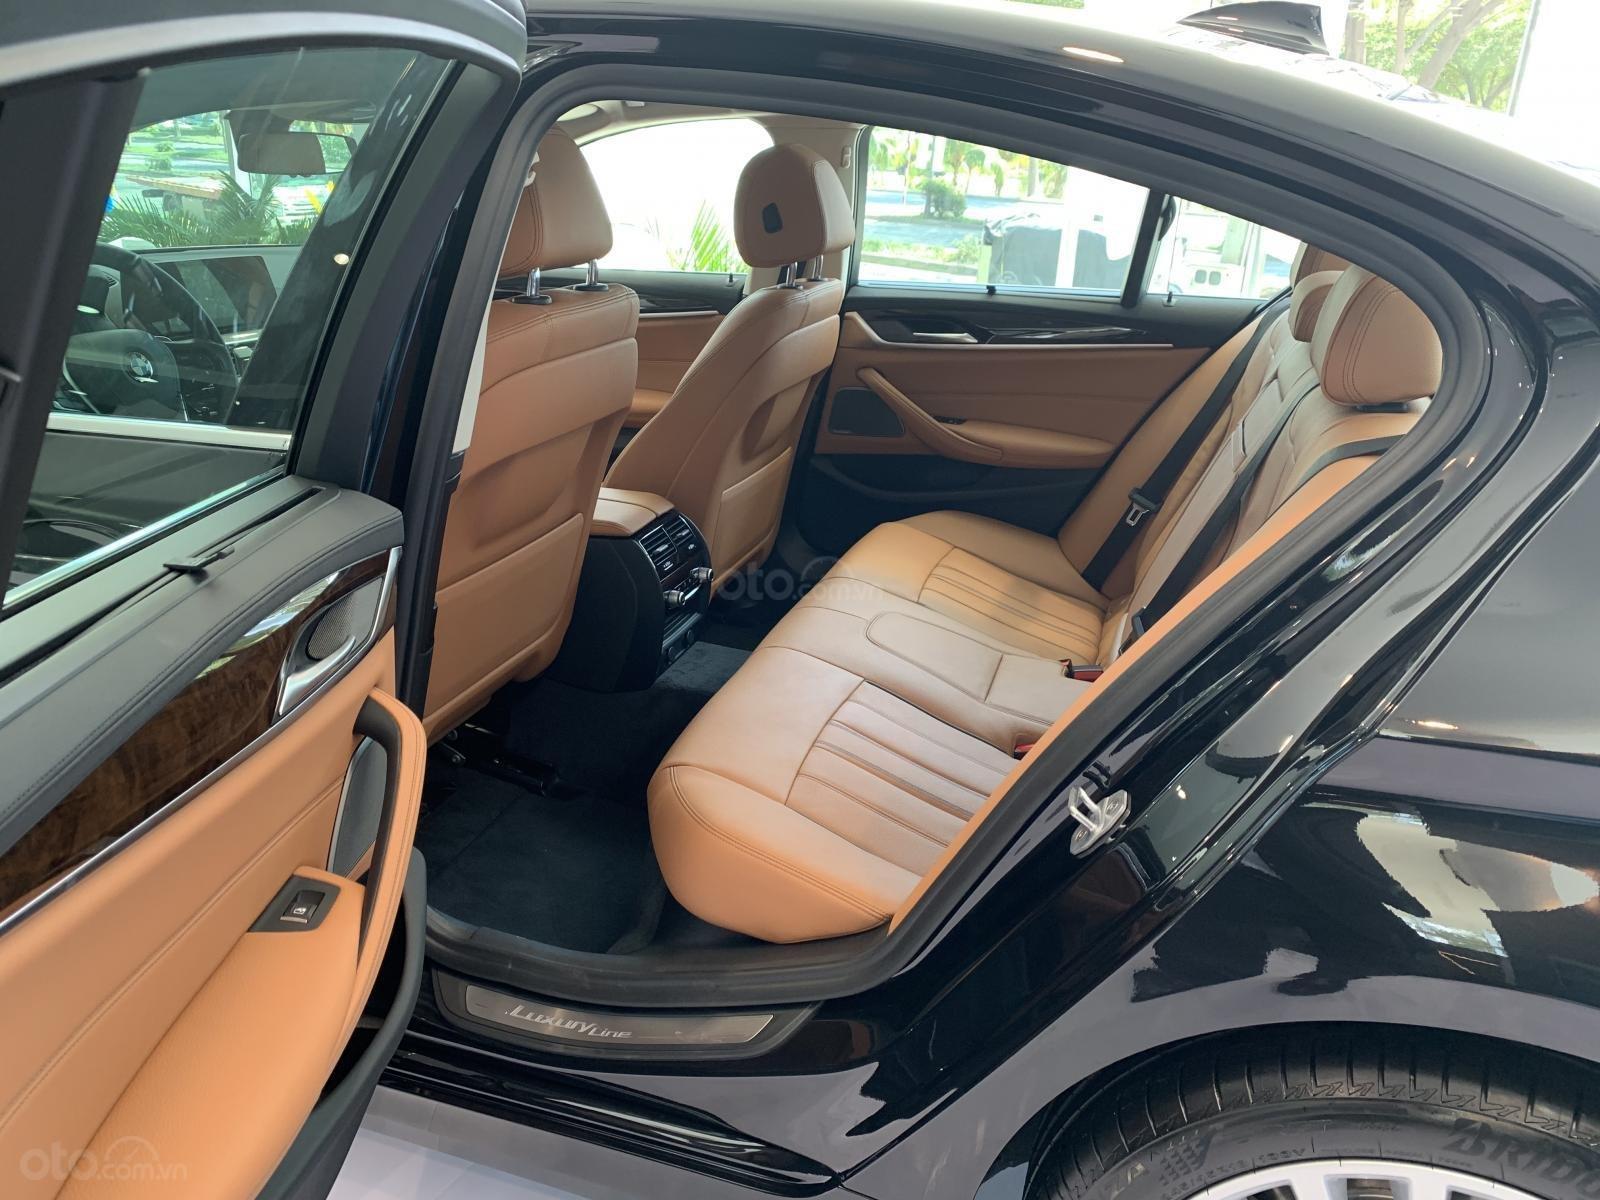 Bán BMW 530i 2019 - Tinh hoa công nghệ ô tô - Liên hệ 0938308393-10